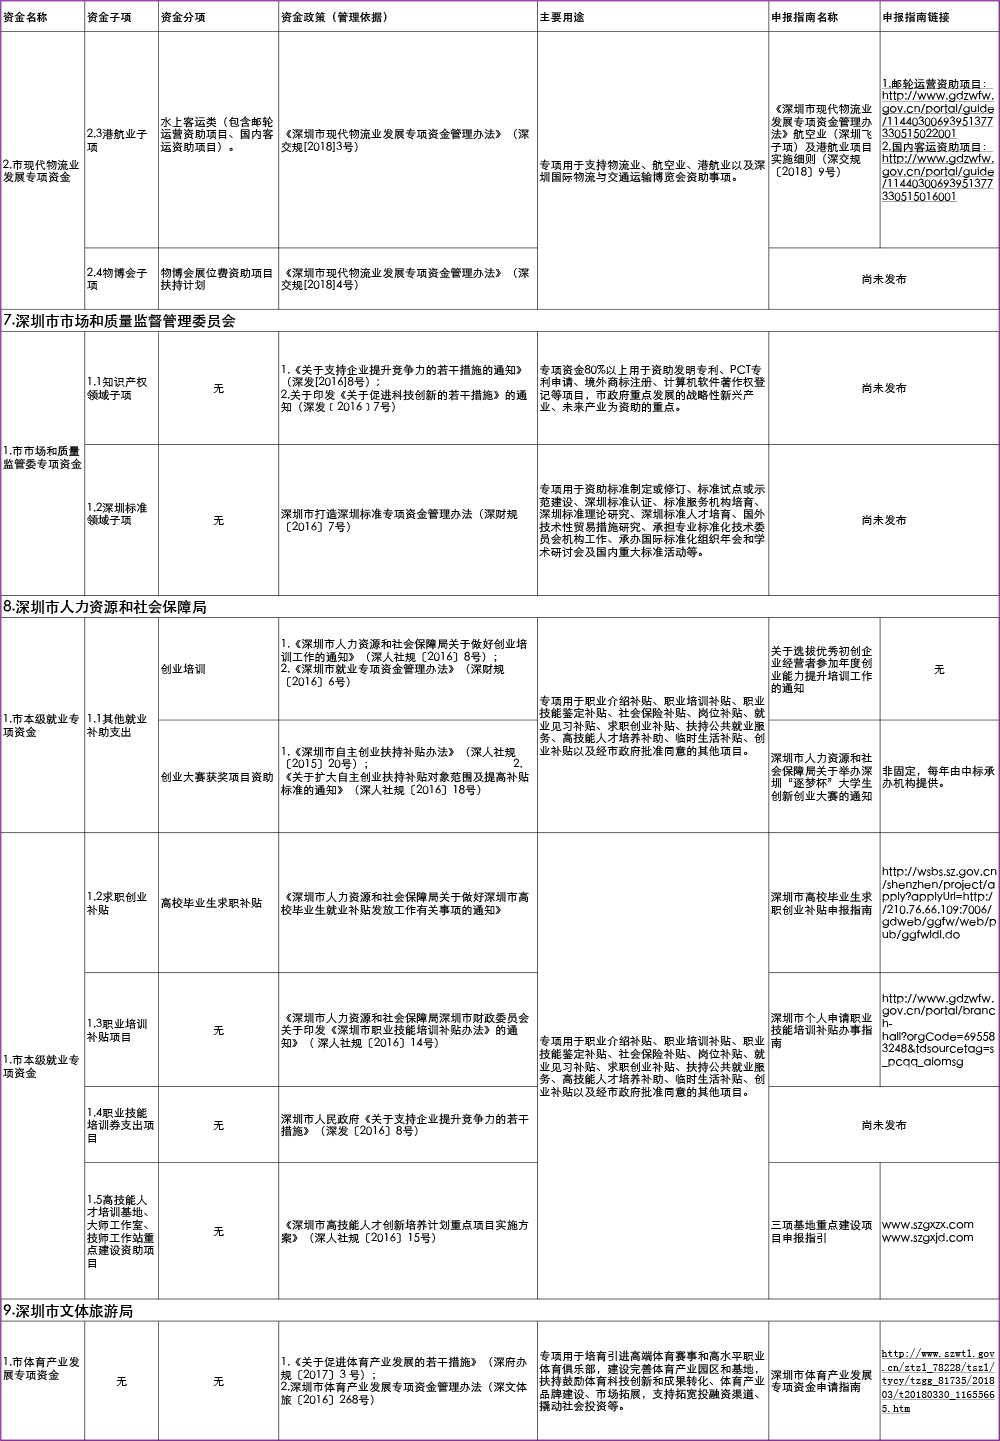 深圳市2019年市级财政专项资金清单目录-9